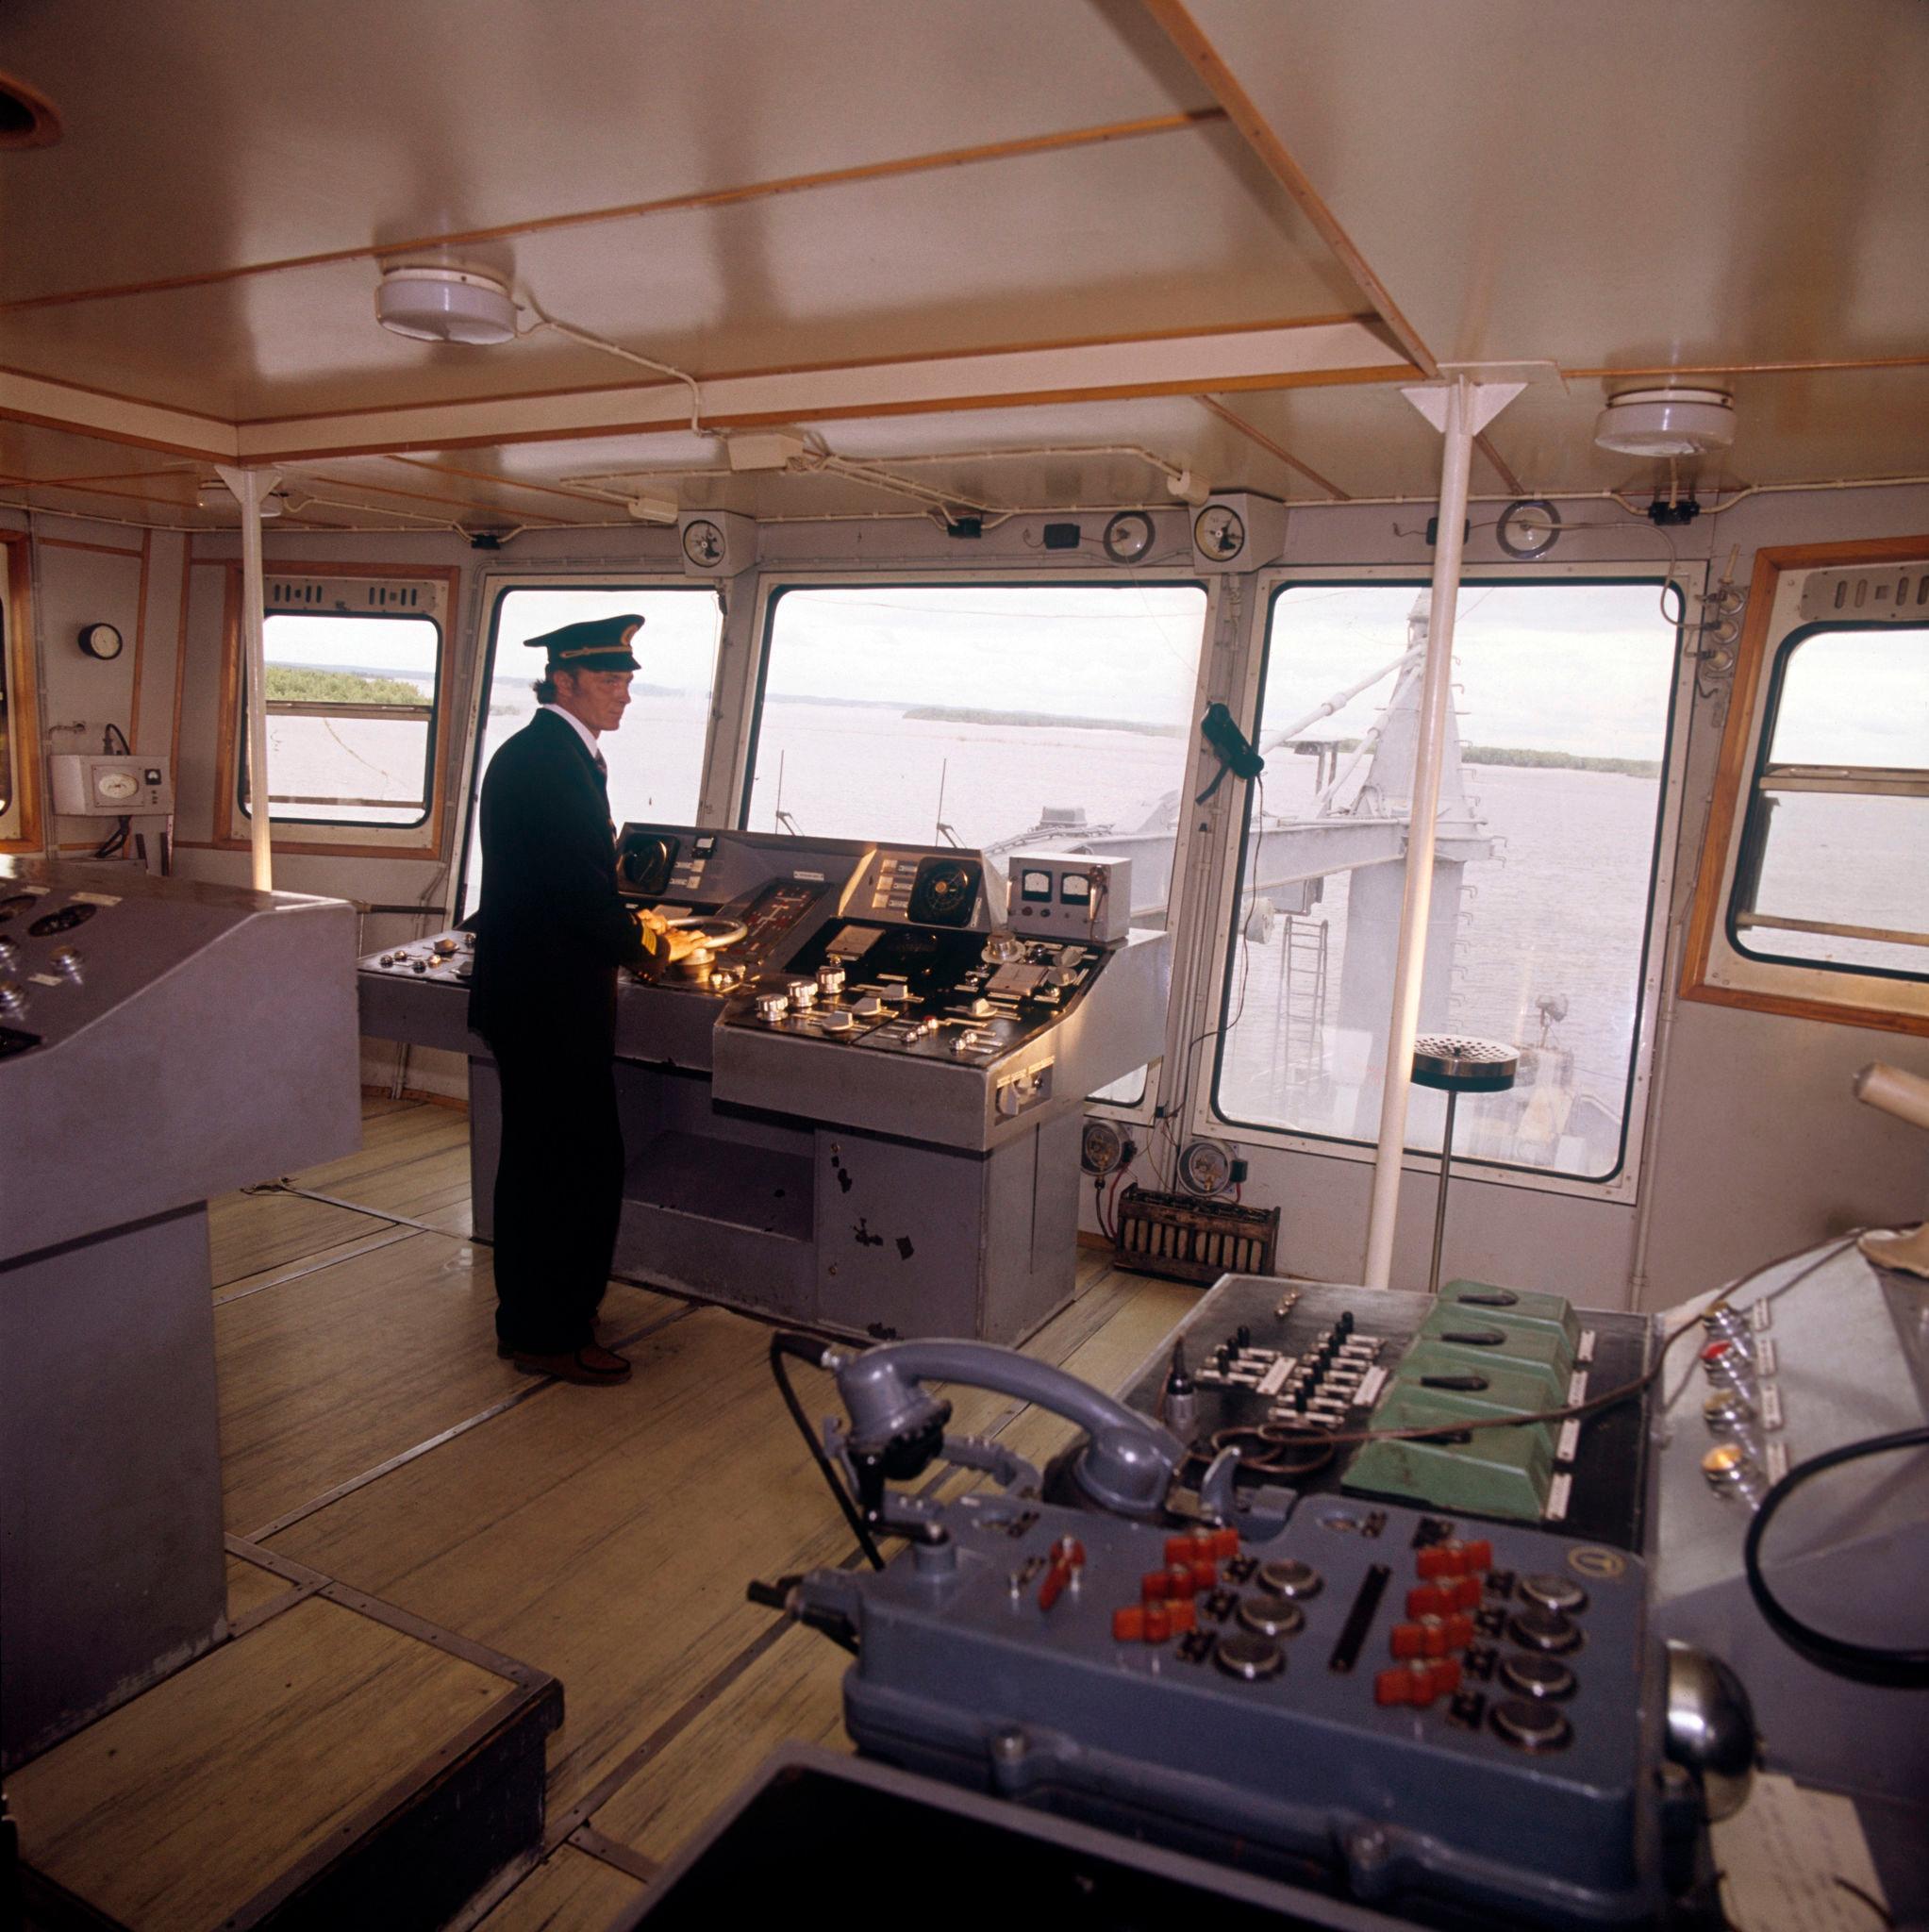 1970-е. Земснаряд Лена (плавучая машина для подводной разработки, добычи, транспортировки грунта) на реке